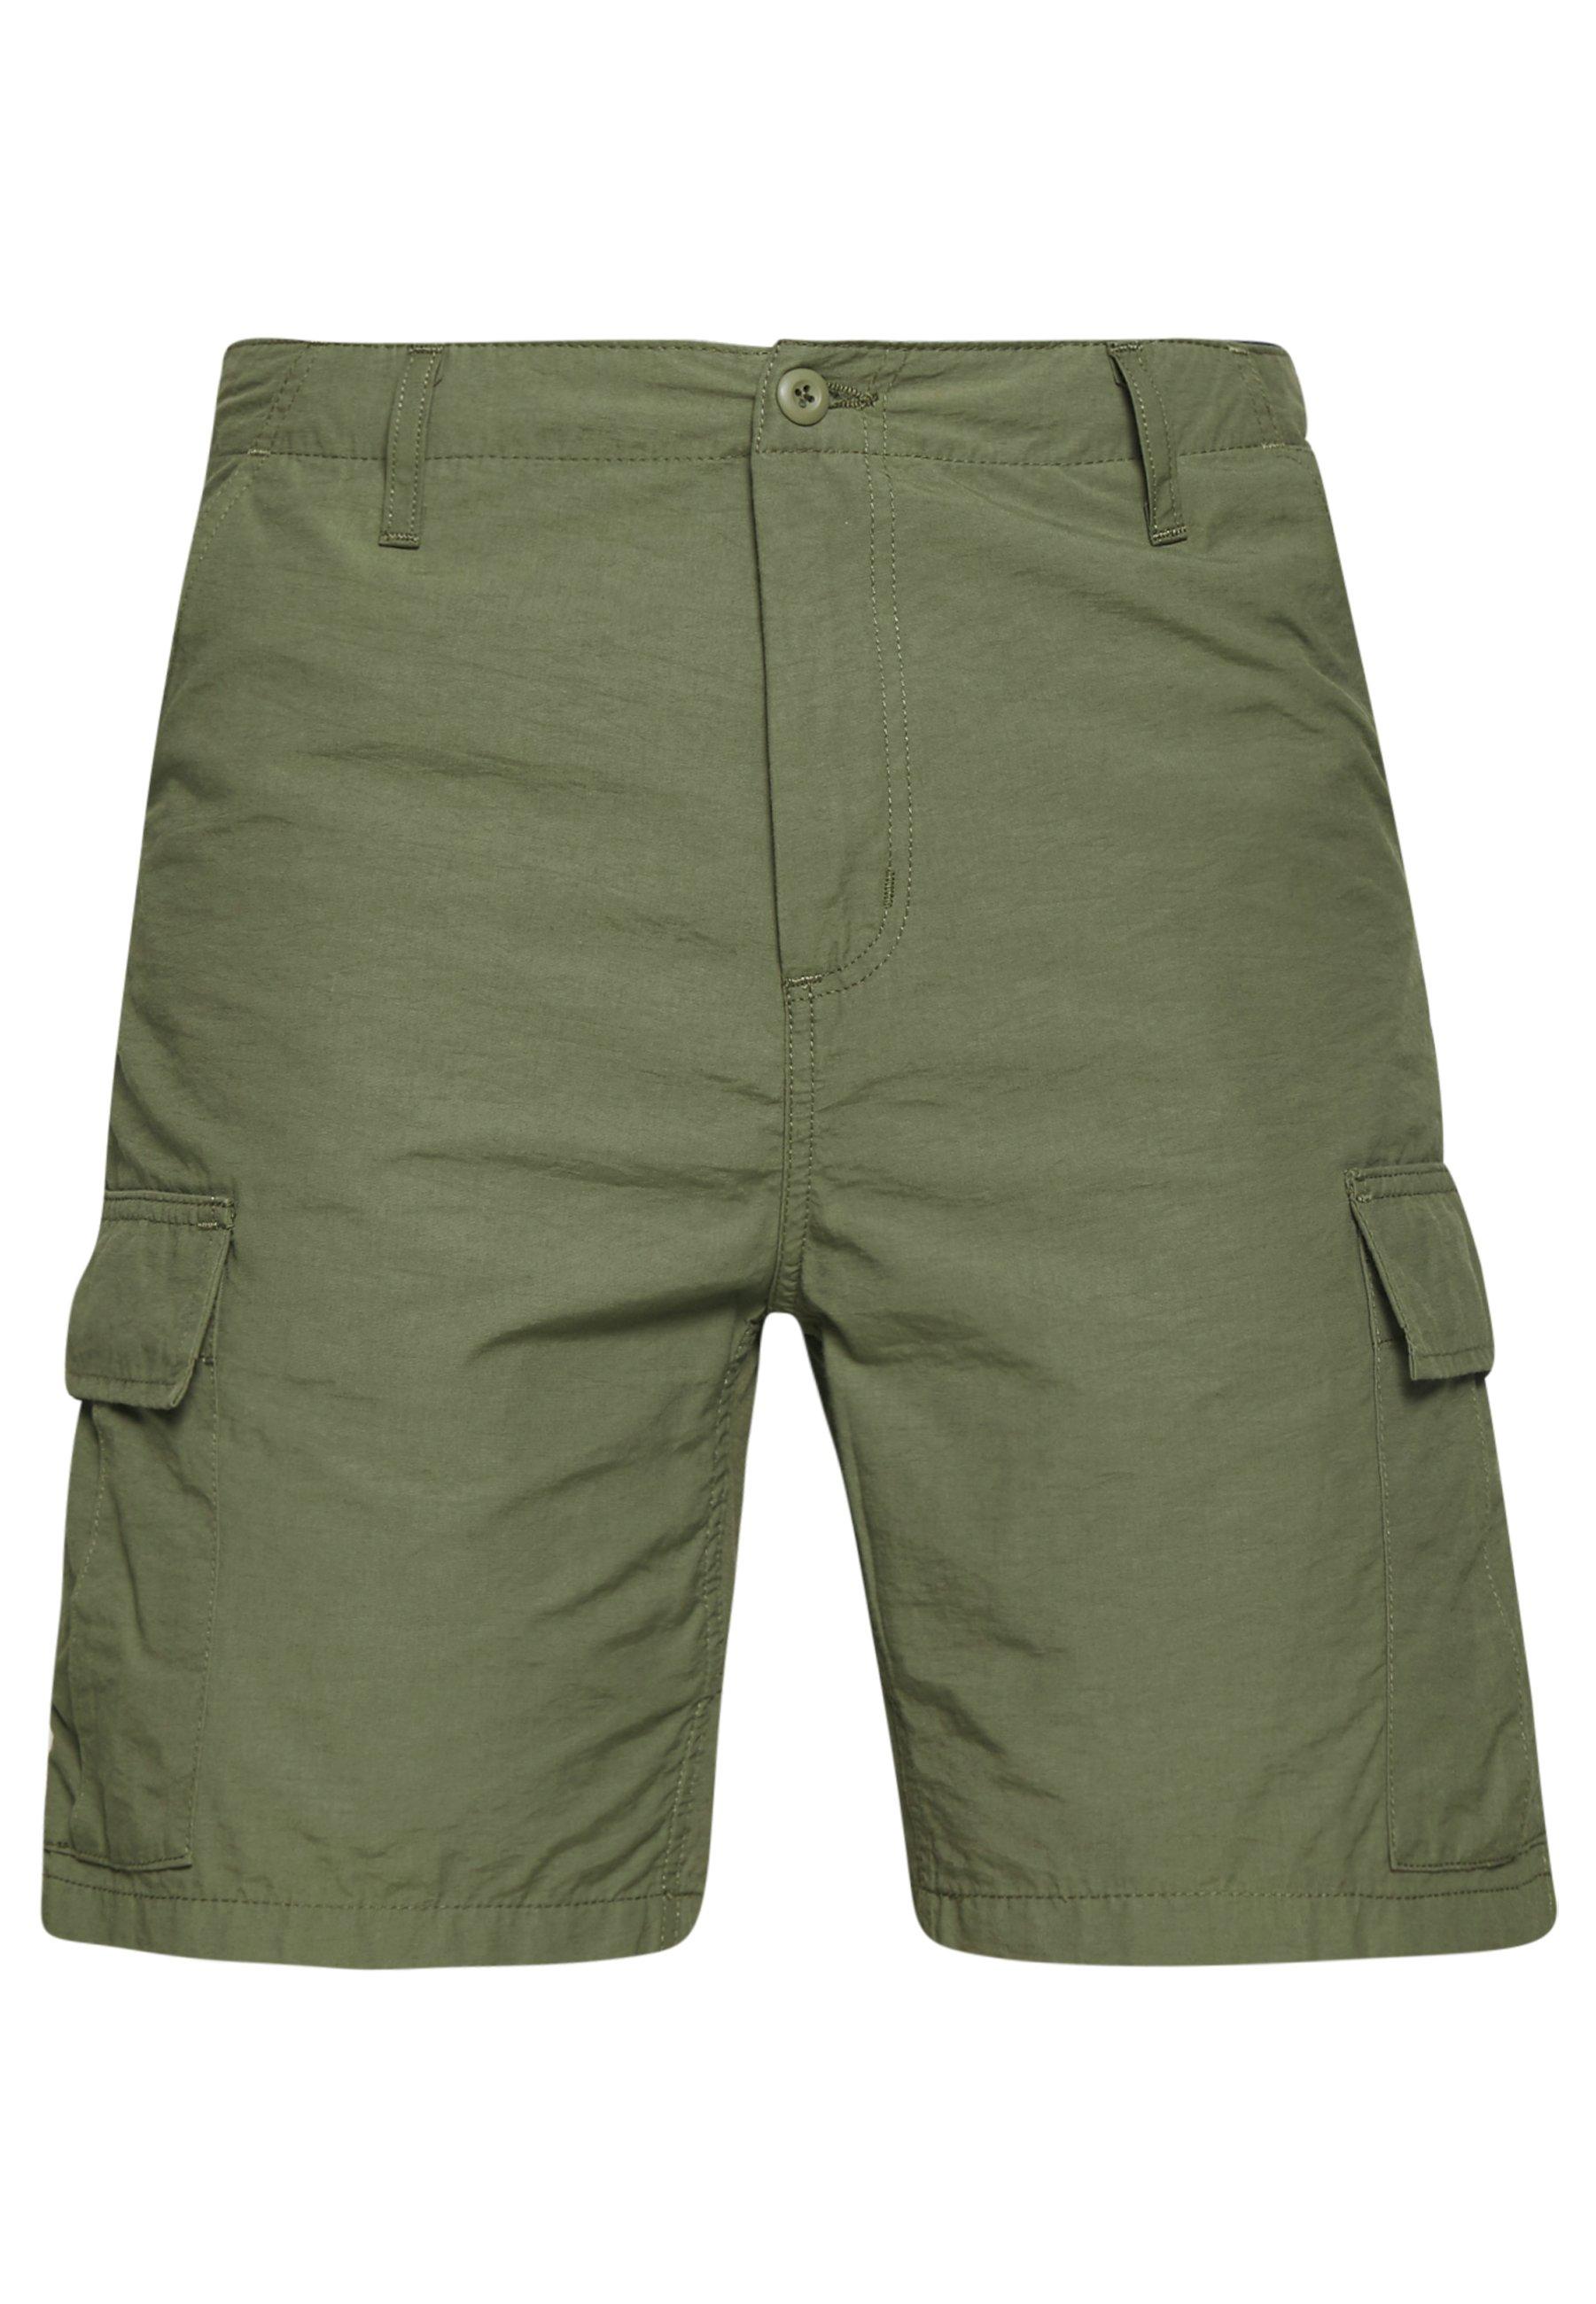 Carhartt Wip Field Cargo Pasadena - Shorts Dollar Green Rinsed